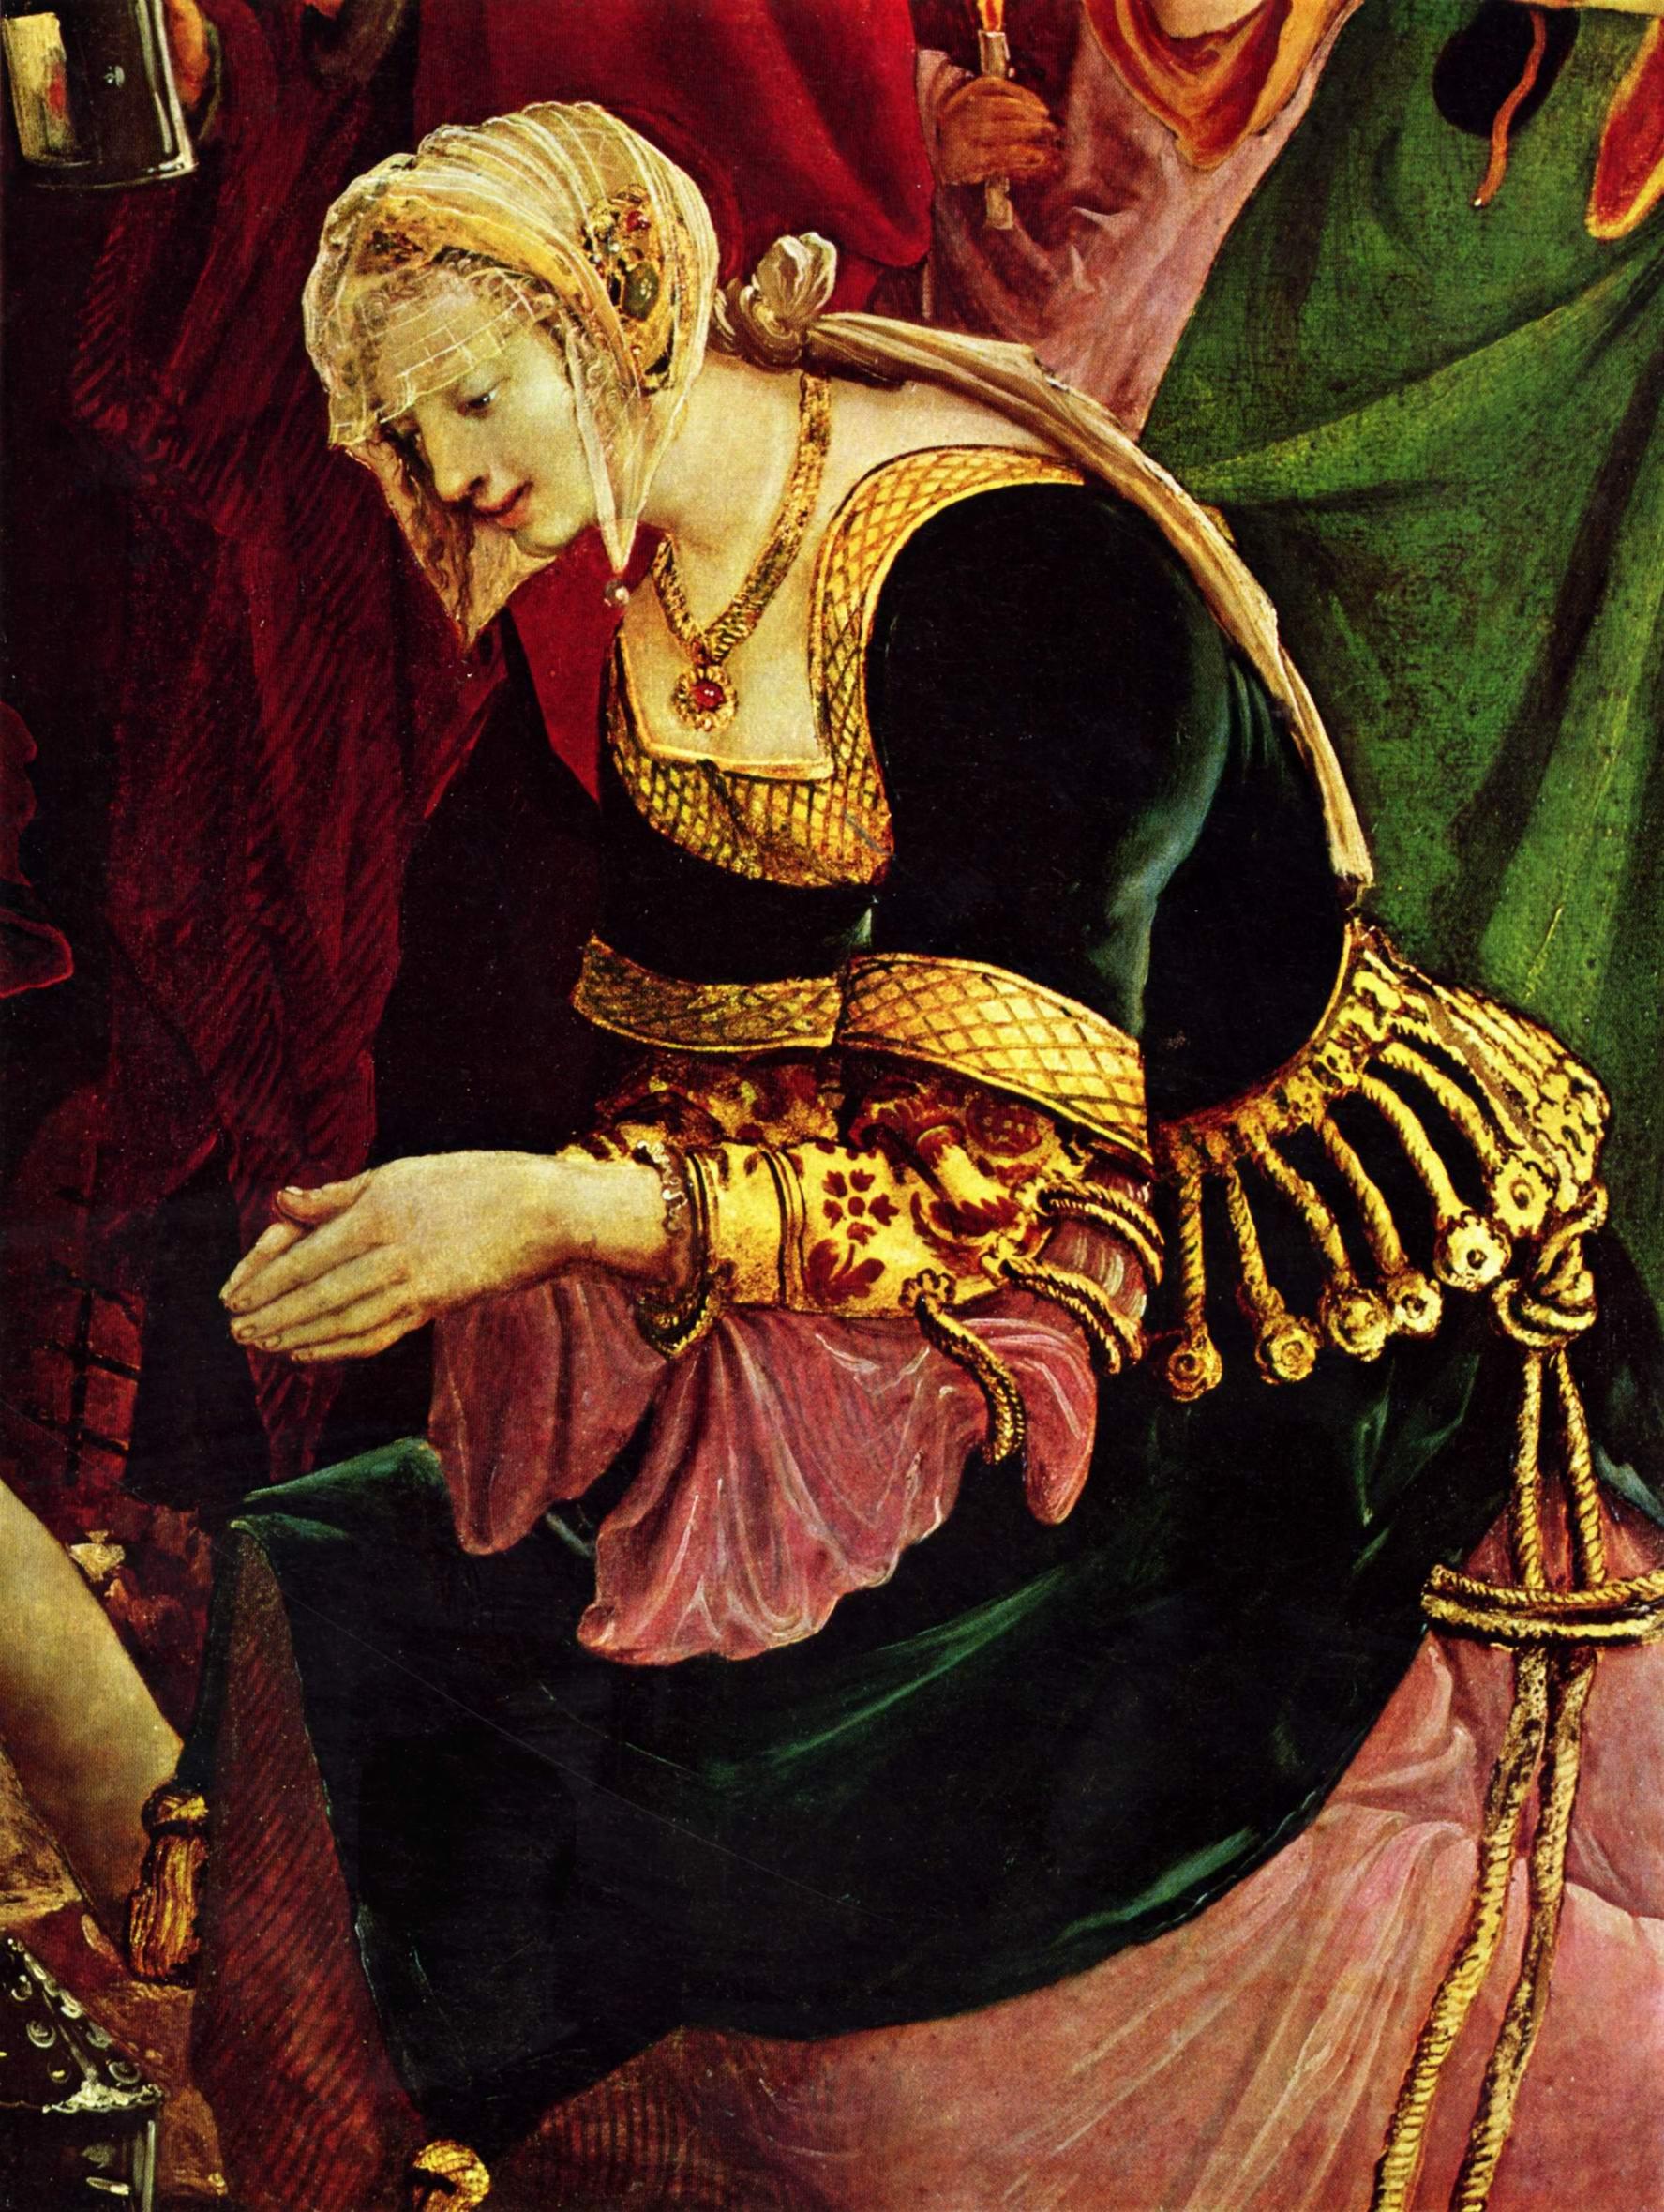 Алтарь св. Себастьяна монастыря св. Флориана, правая внешняя створка, сцена погребения тела св. Себастьяна., Альтдорфер Альбрехт